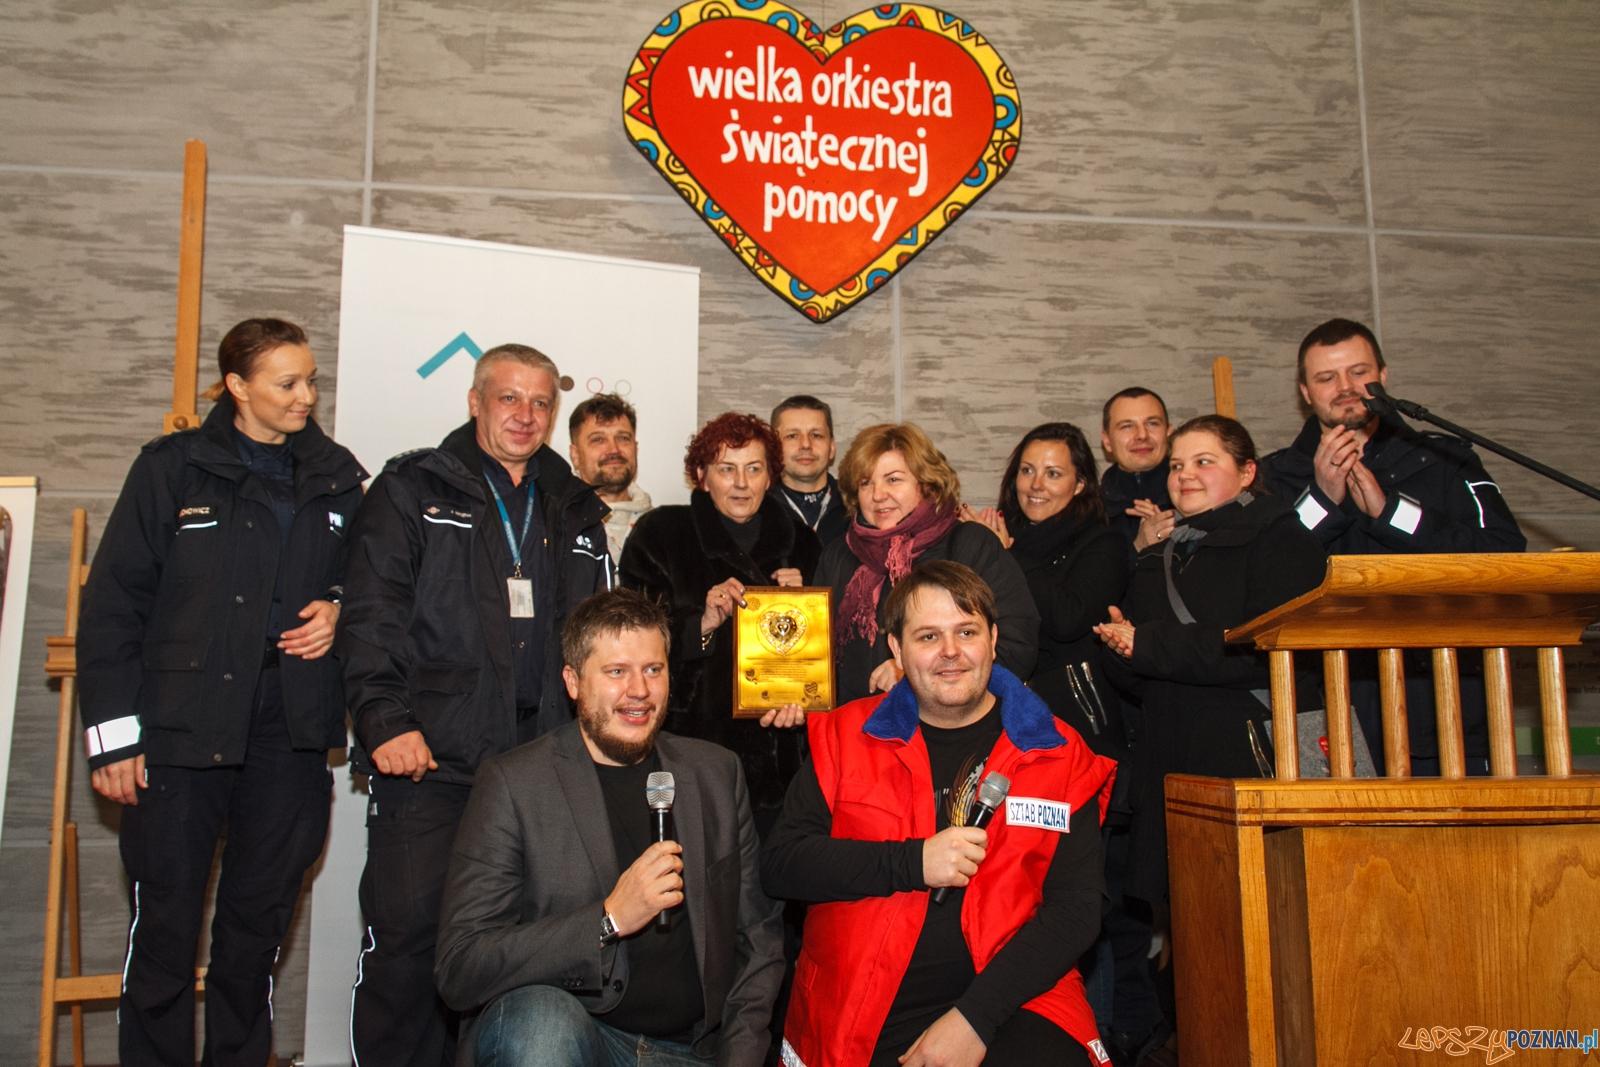 24 finał WOŚP - licytacje - Poznań 10.01.2016 r.  Foto: LepszyPOZNAN.pl / Paweł Rychter